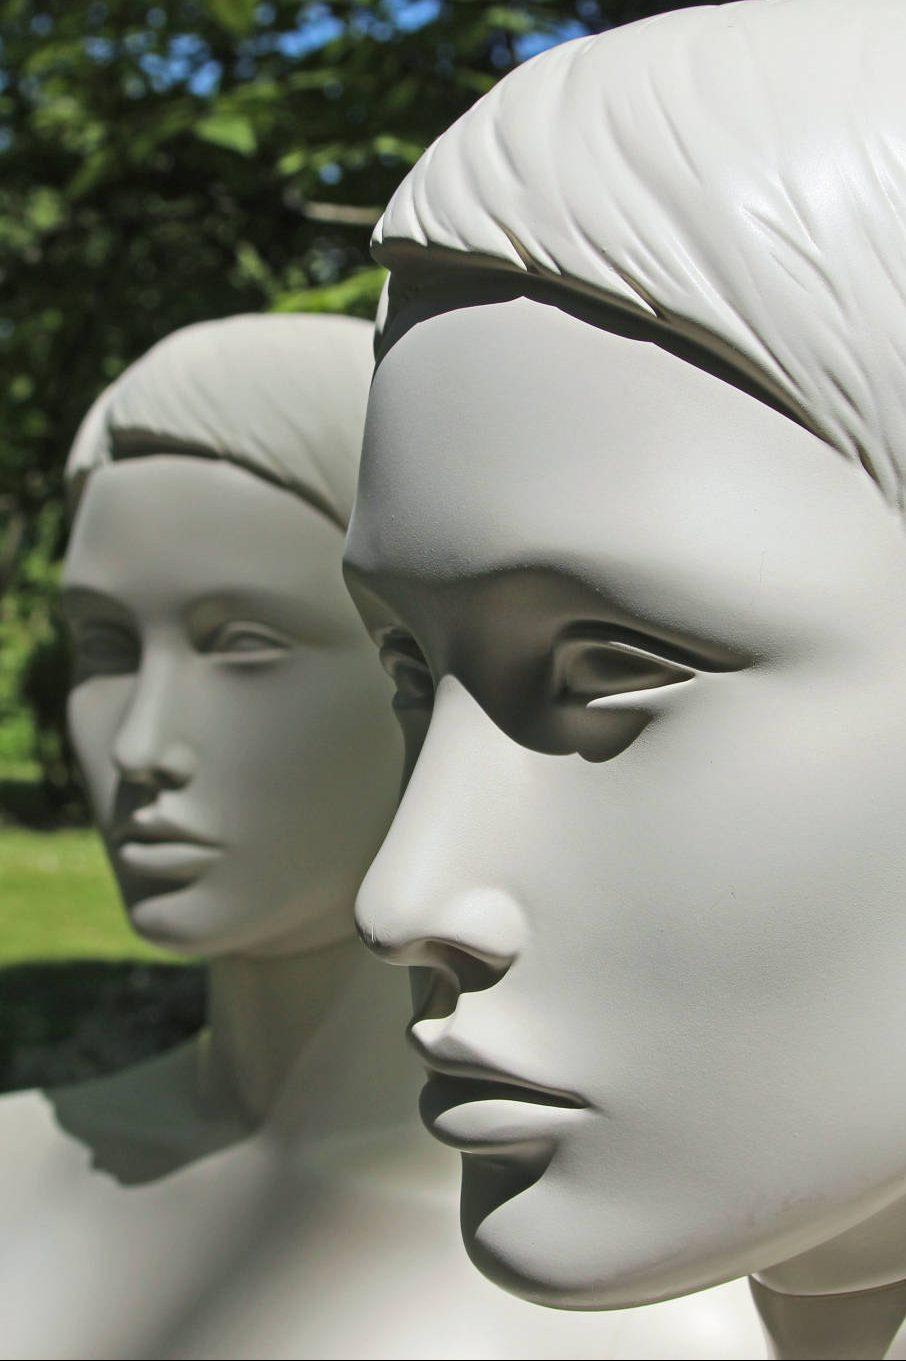 Smuk stilistisk dame mannequin. Klassiske dame mannequin der kan bruges i alle typer tøjforretninger. Utroligt smukt ansigt samt blid udstråling.